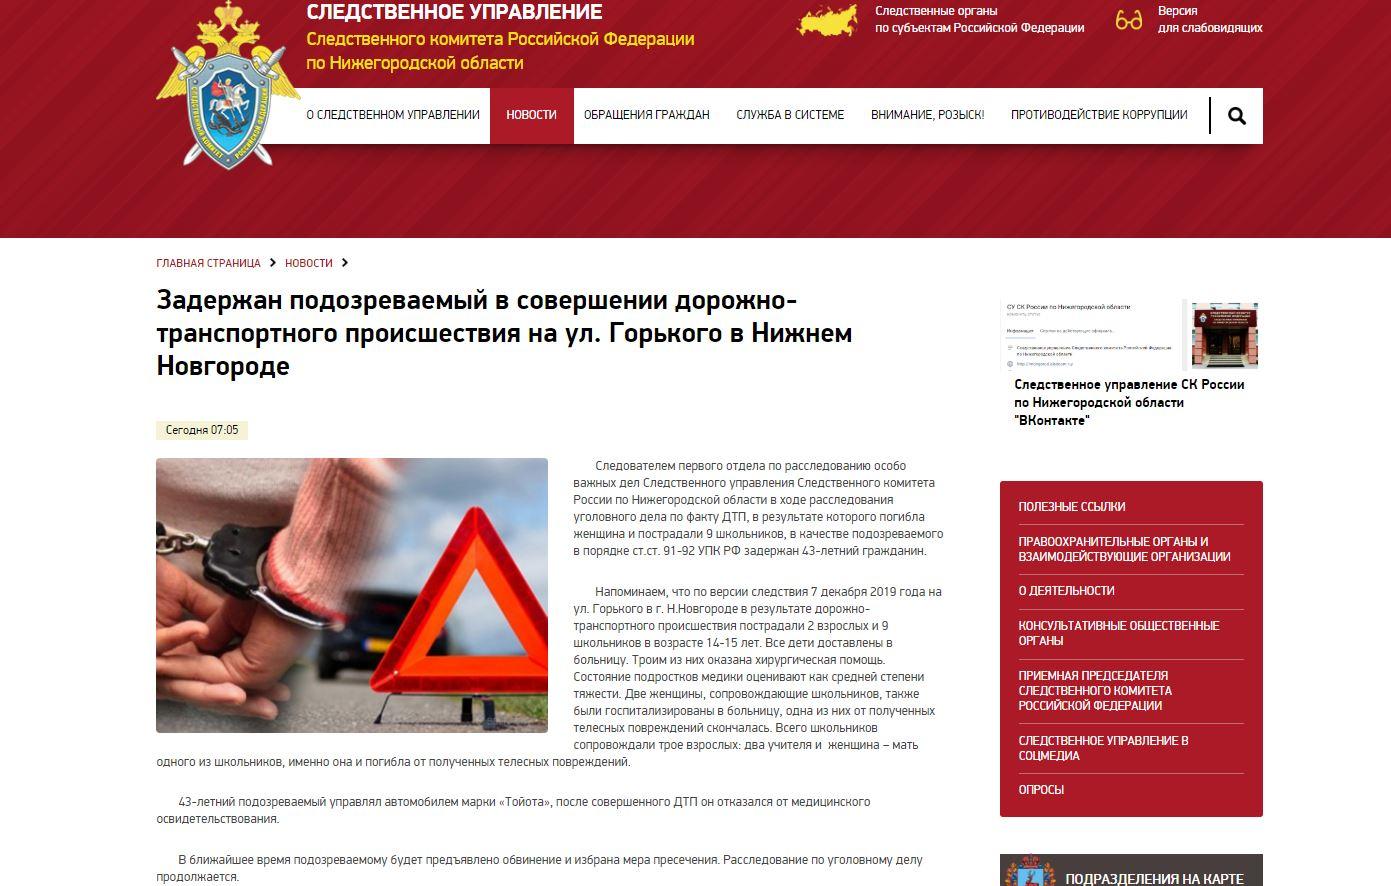 СК Россия